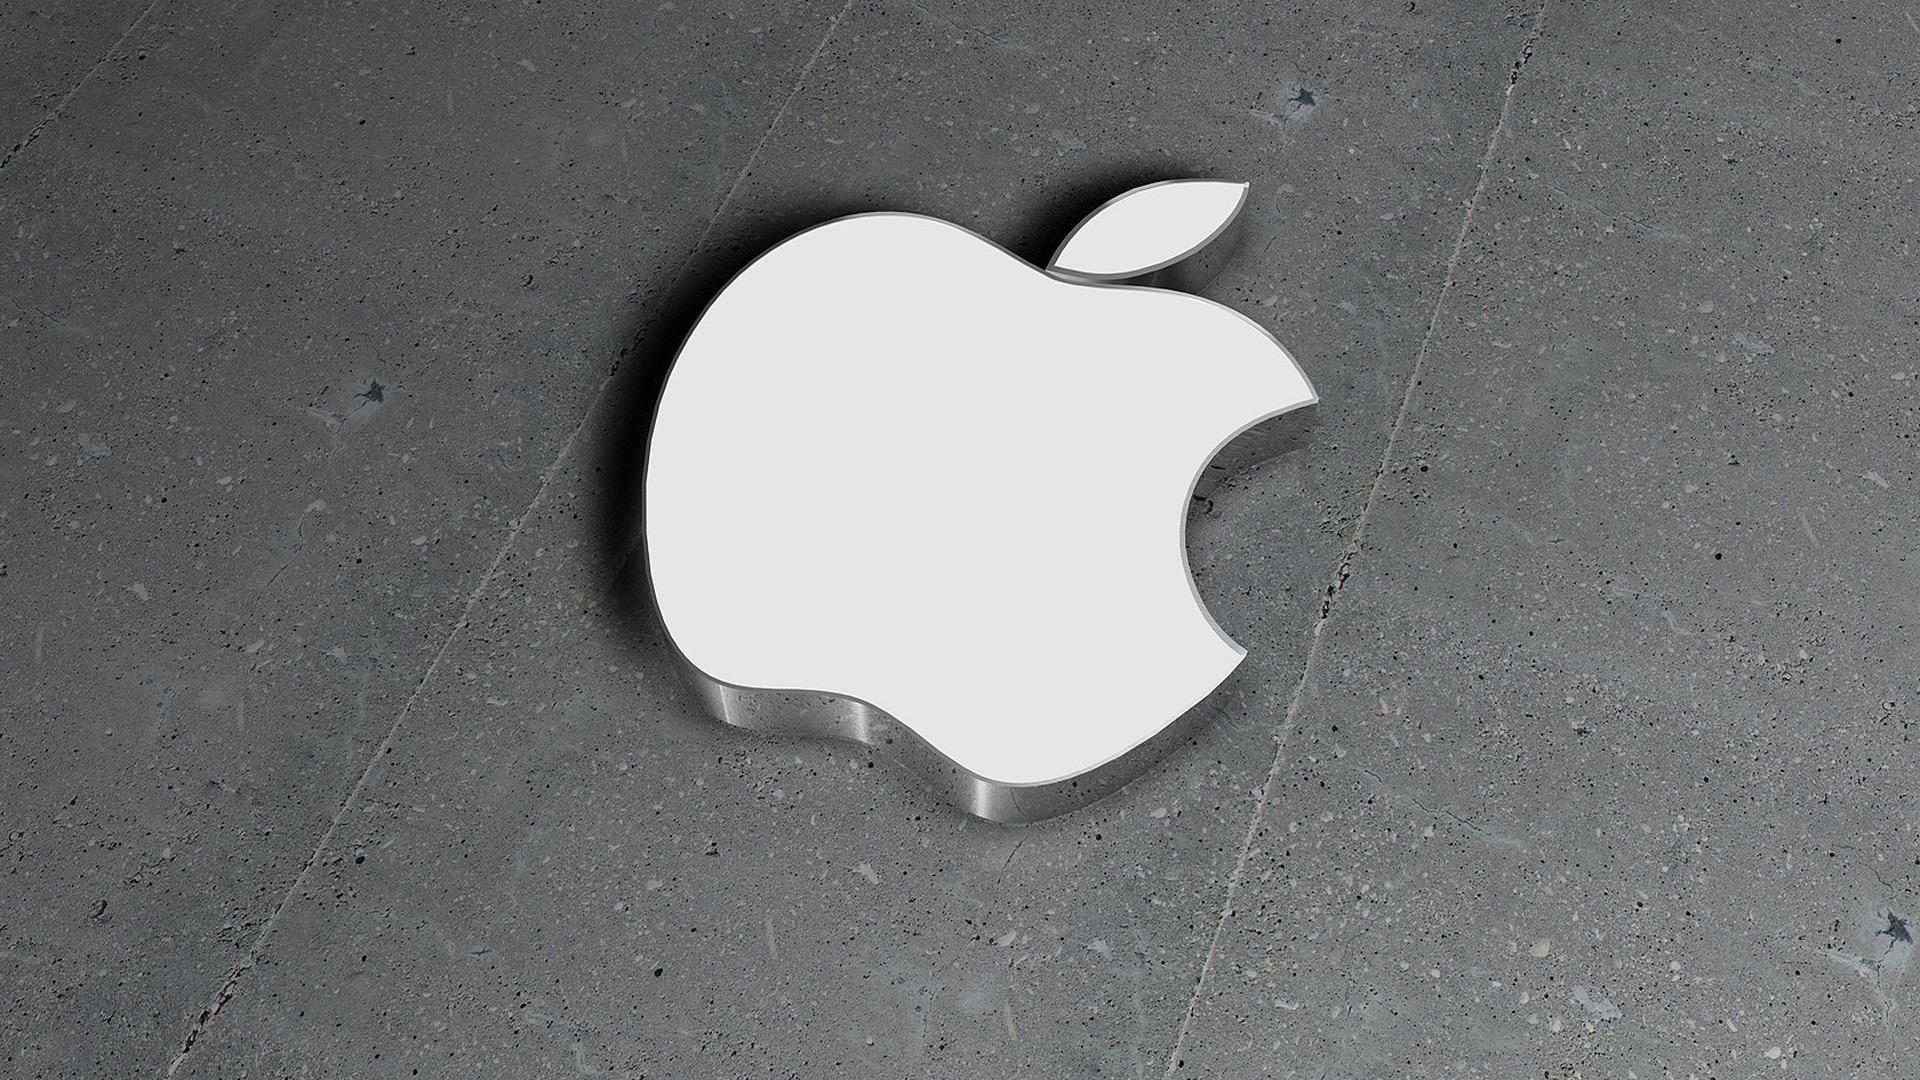 d7ed891735 Egyesíti racionális és érzelmi szükségleteiket, ezzel szórakoztató módon  egyszerűbbé teszi az életet. Az Apple tisztában van a helyzetével, s  kiválóságának ...